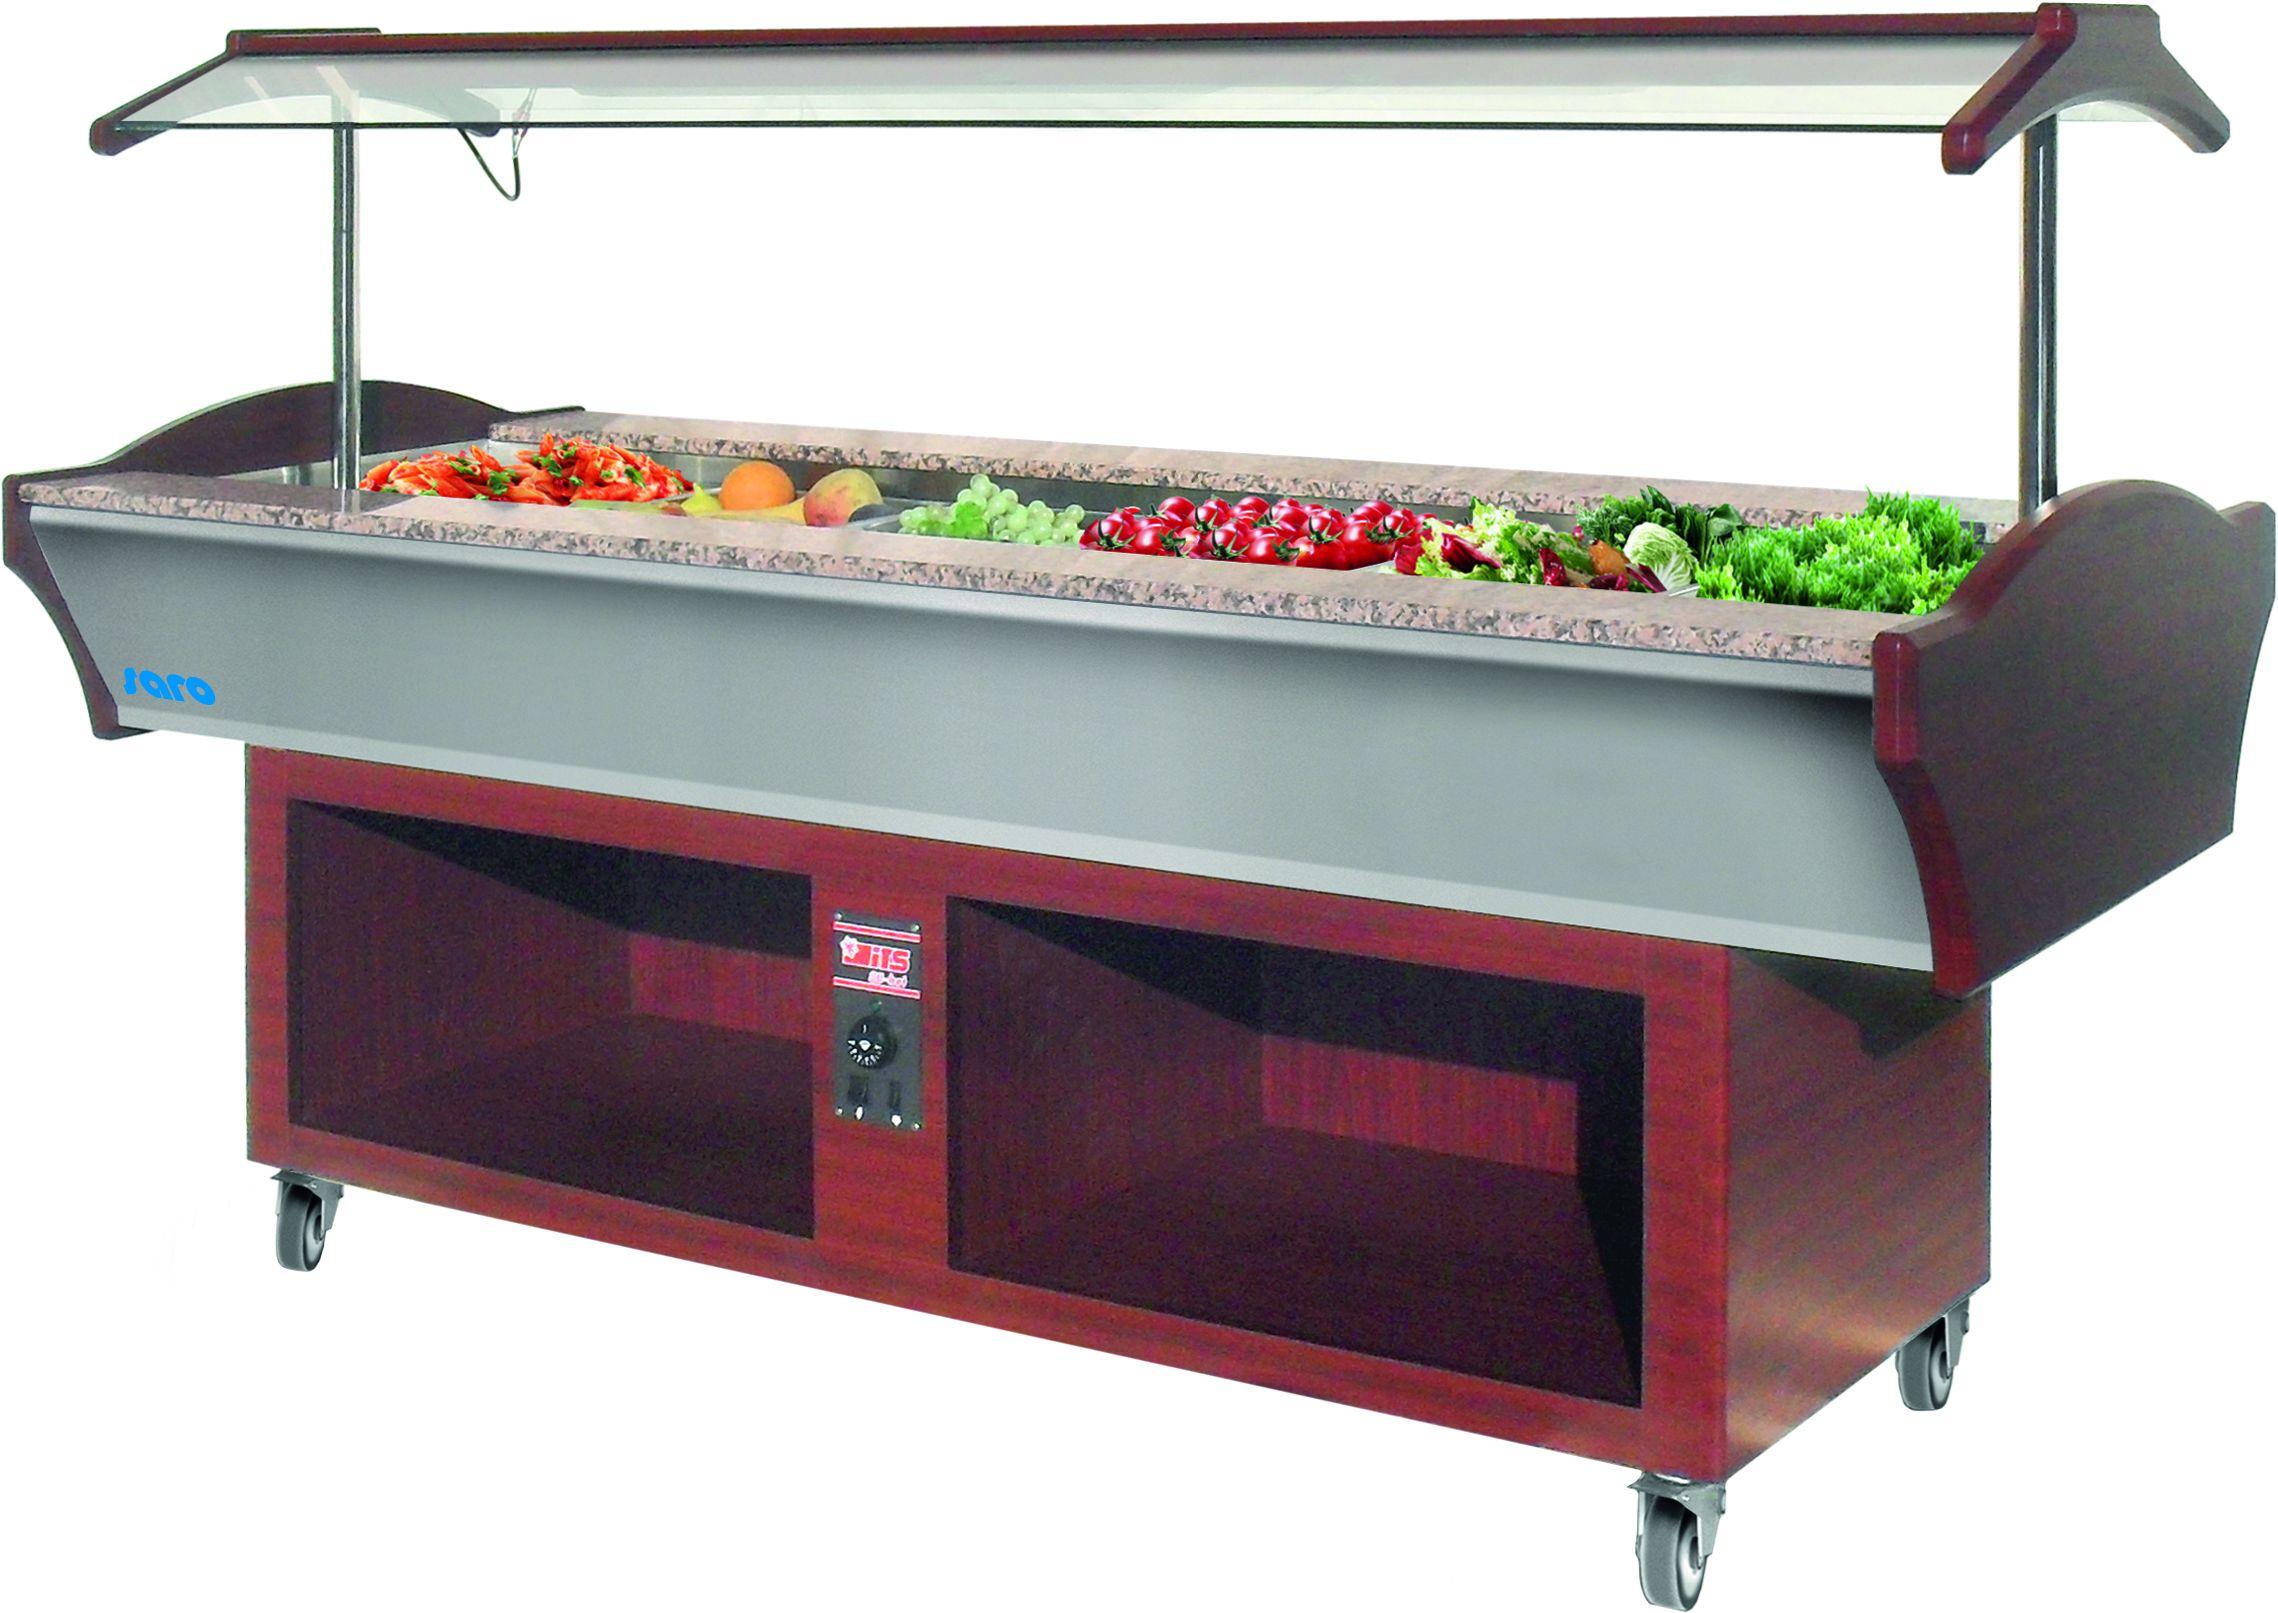 Heated Buffet Display Counter AMINA 6 Mahogany | Saro